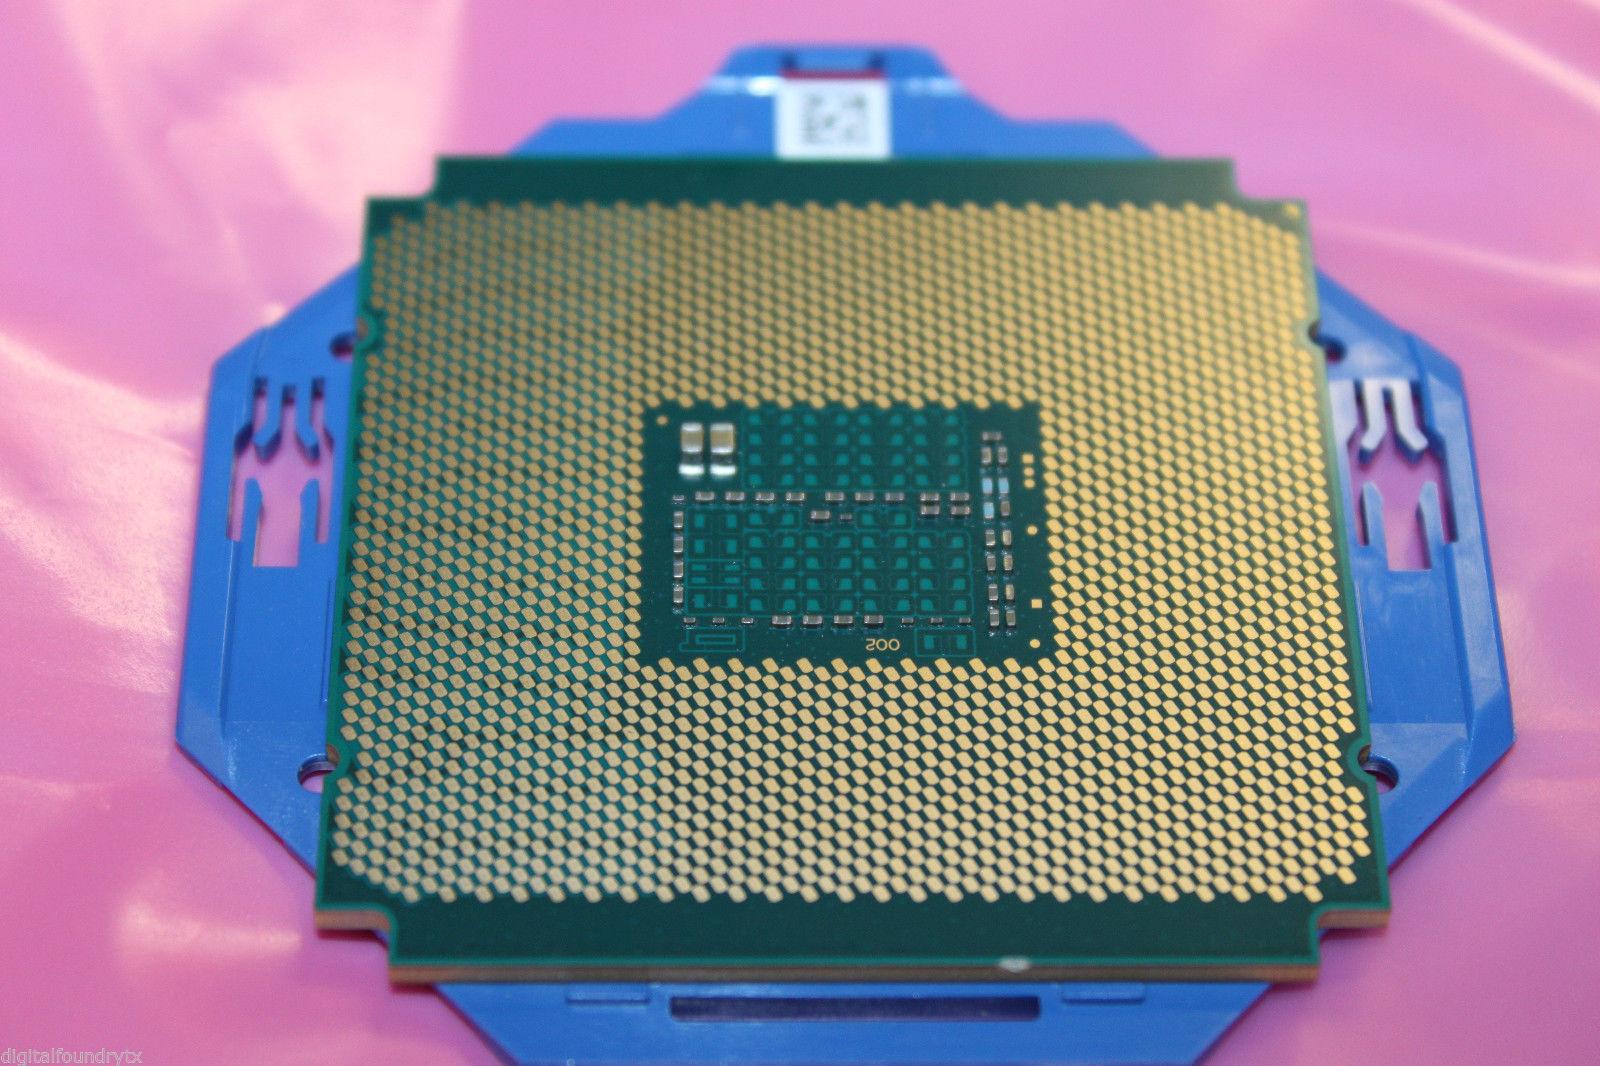 Xeon E5-2600 v4